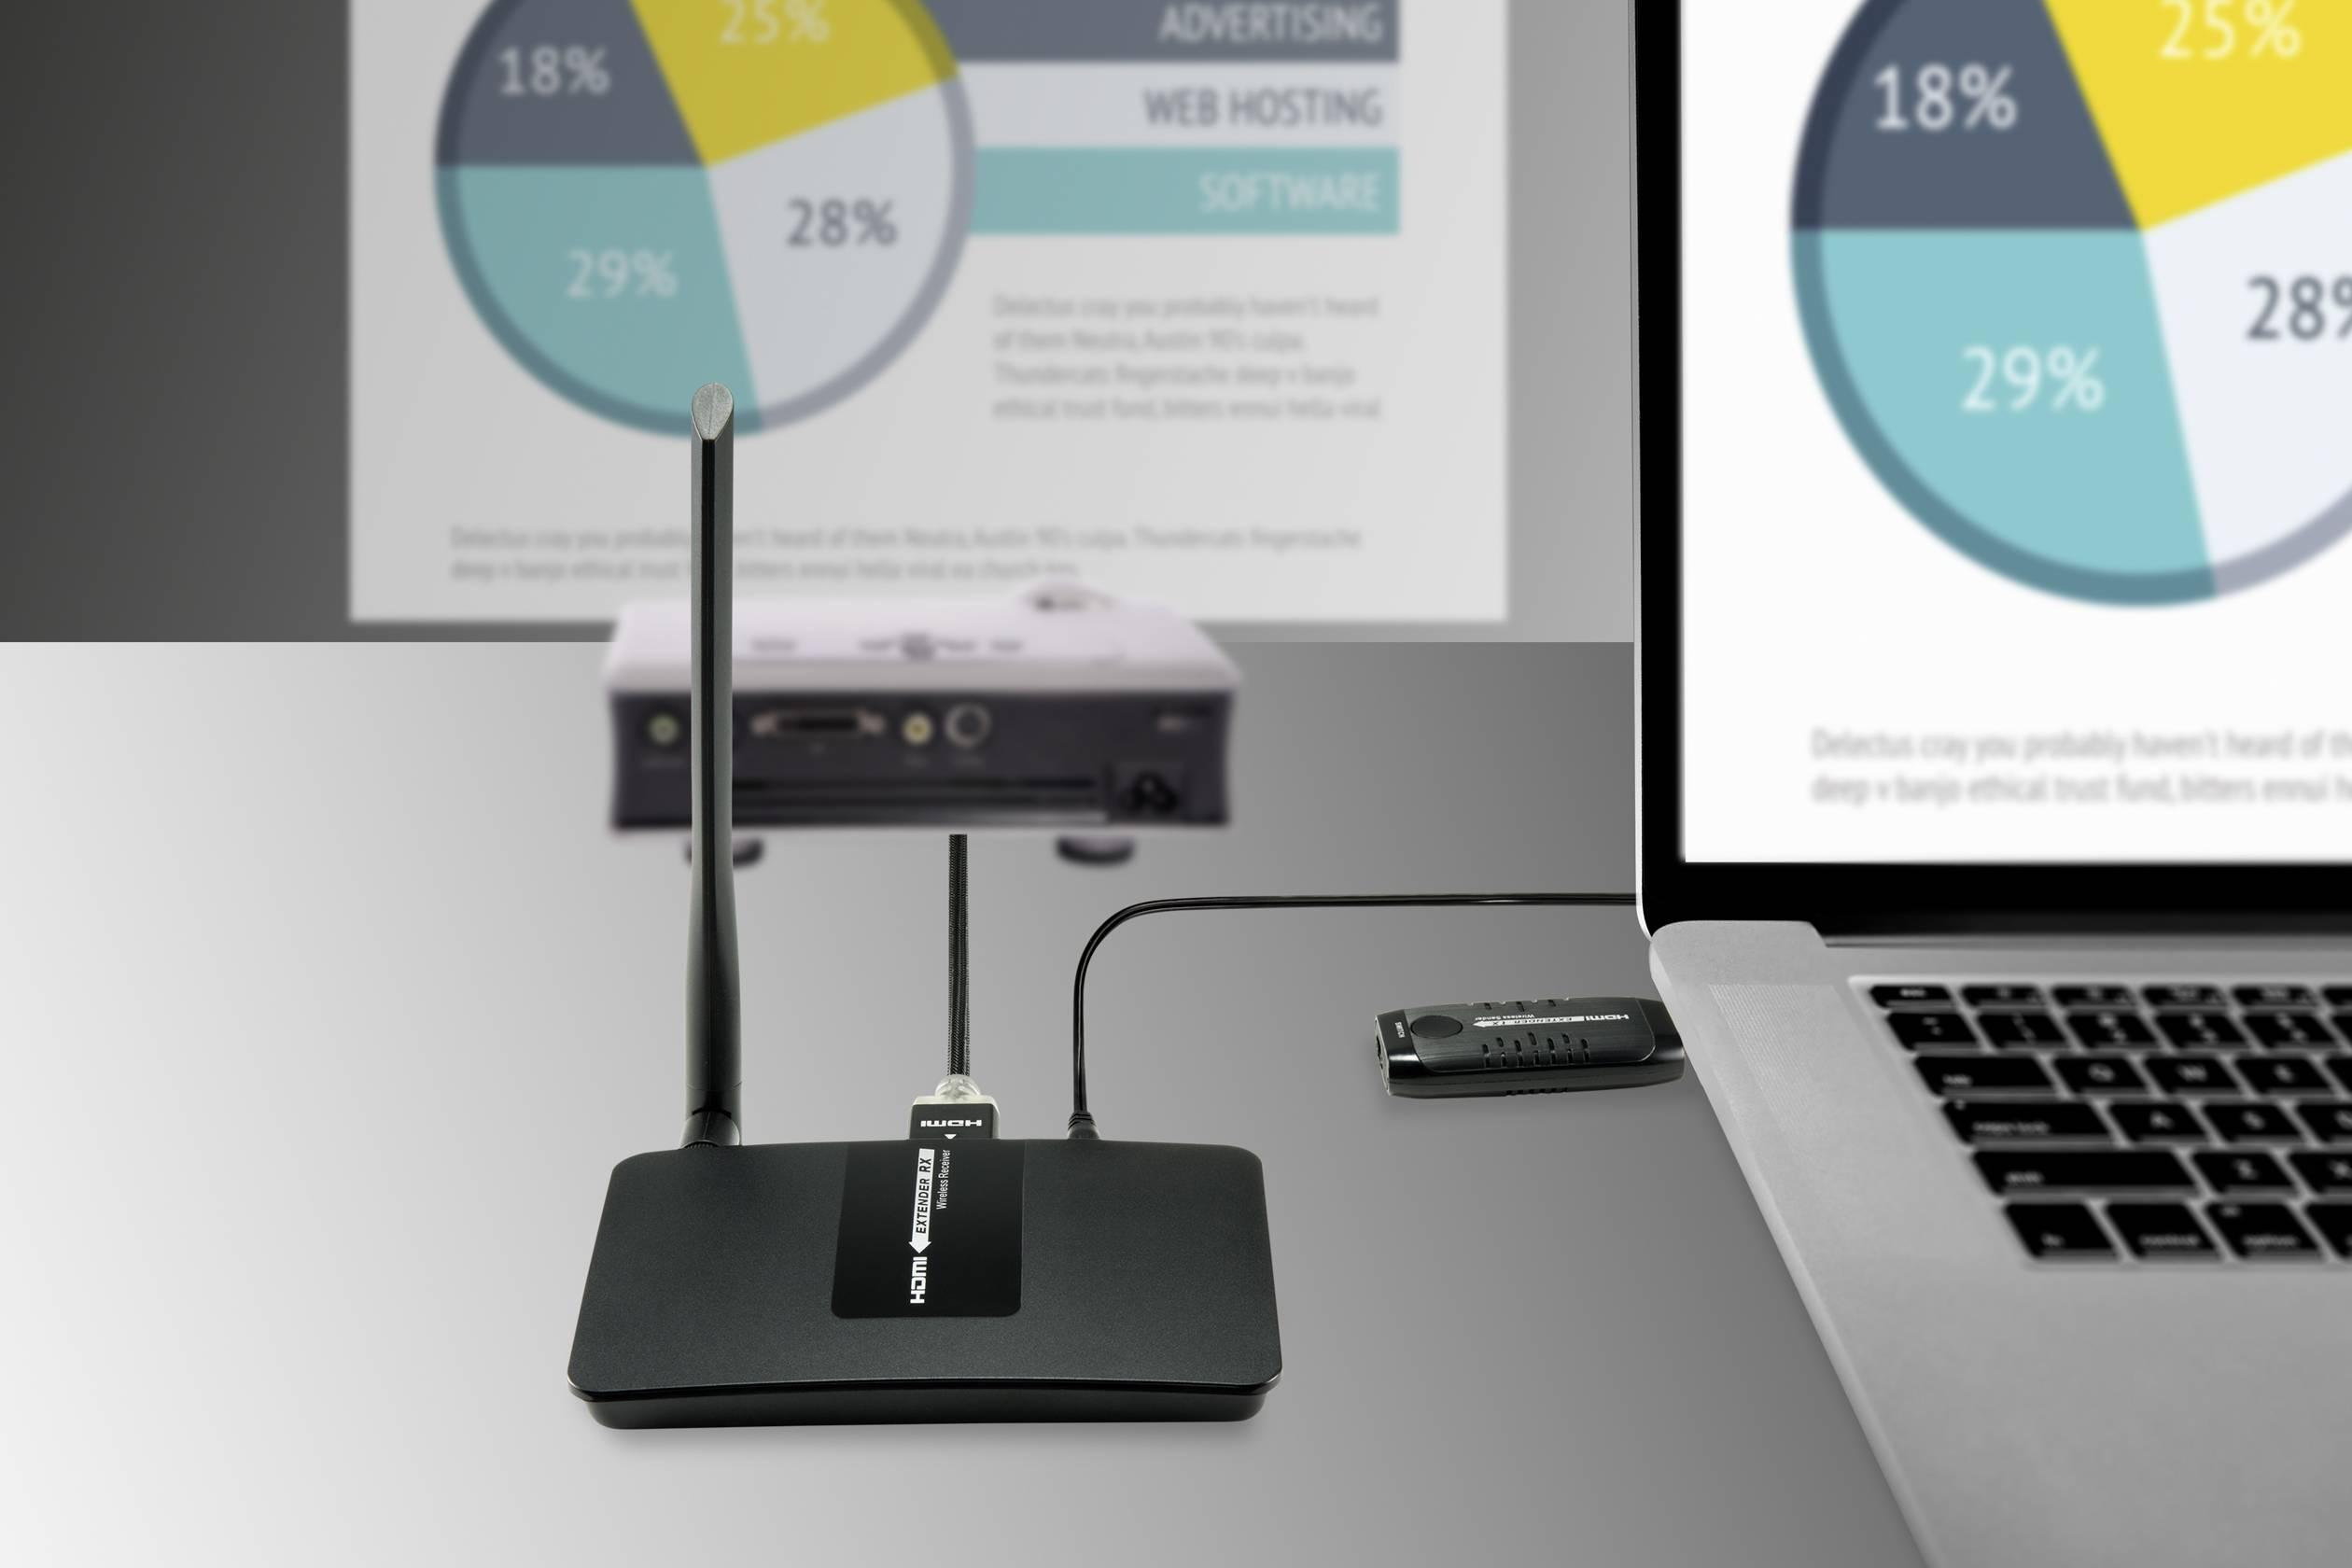 SpeaKa Professional  HDMI naprava za brezžični prenos (komplet) 15 m 5 GHz 1920 x 1080 piksel hd avdio